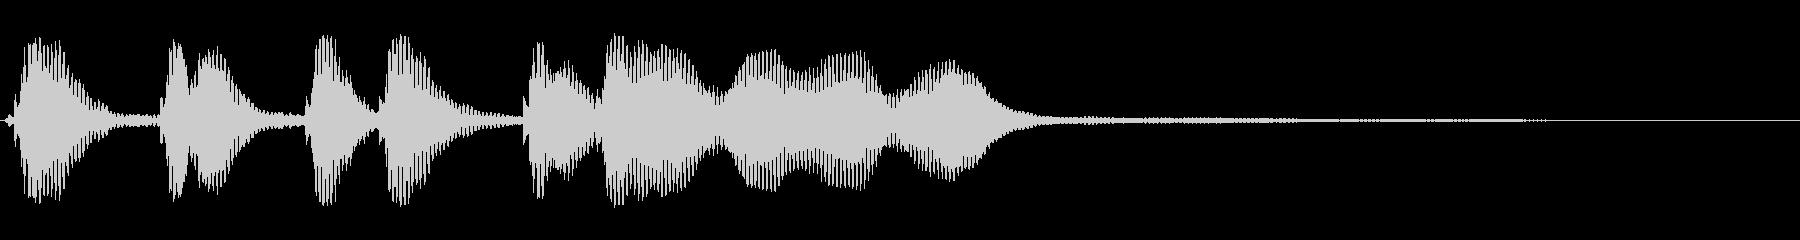 たぅんたぅんたたーたたーんの未再生の波形